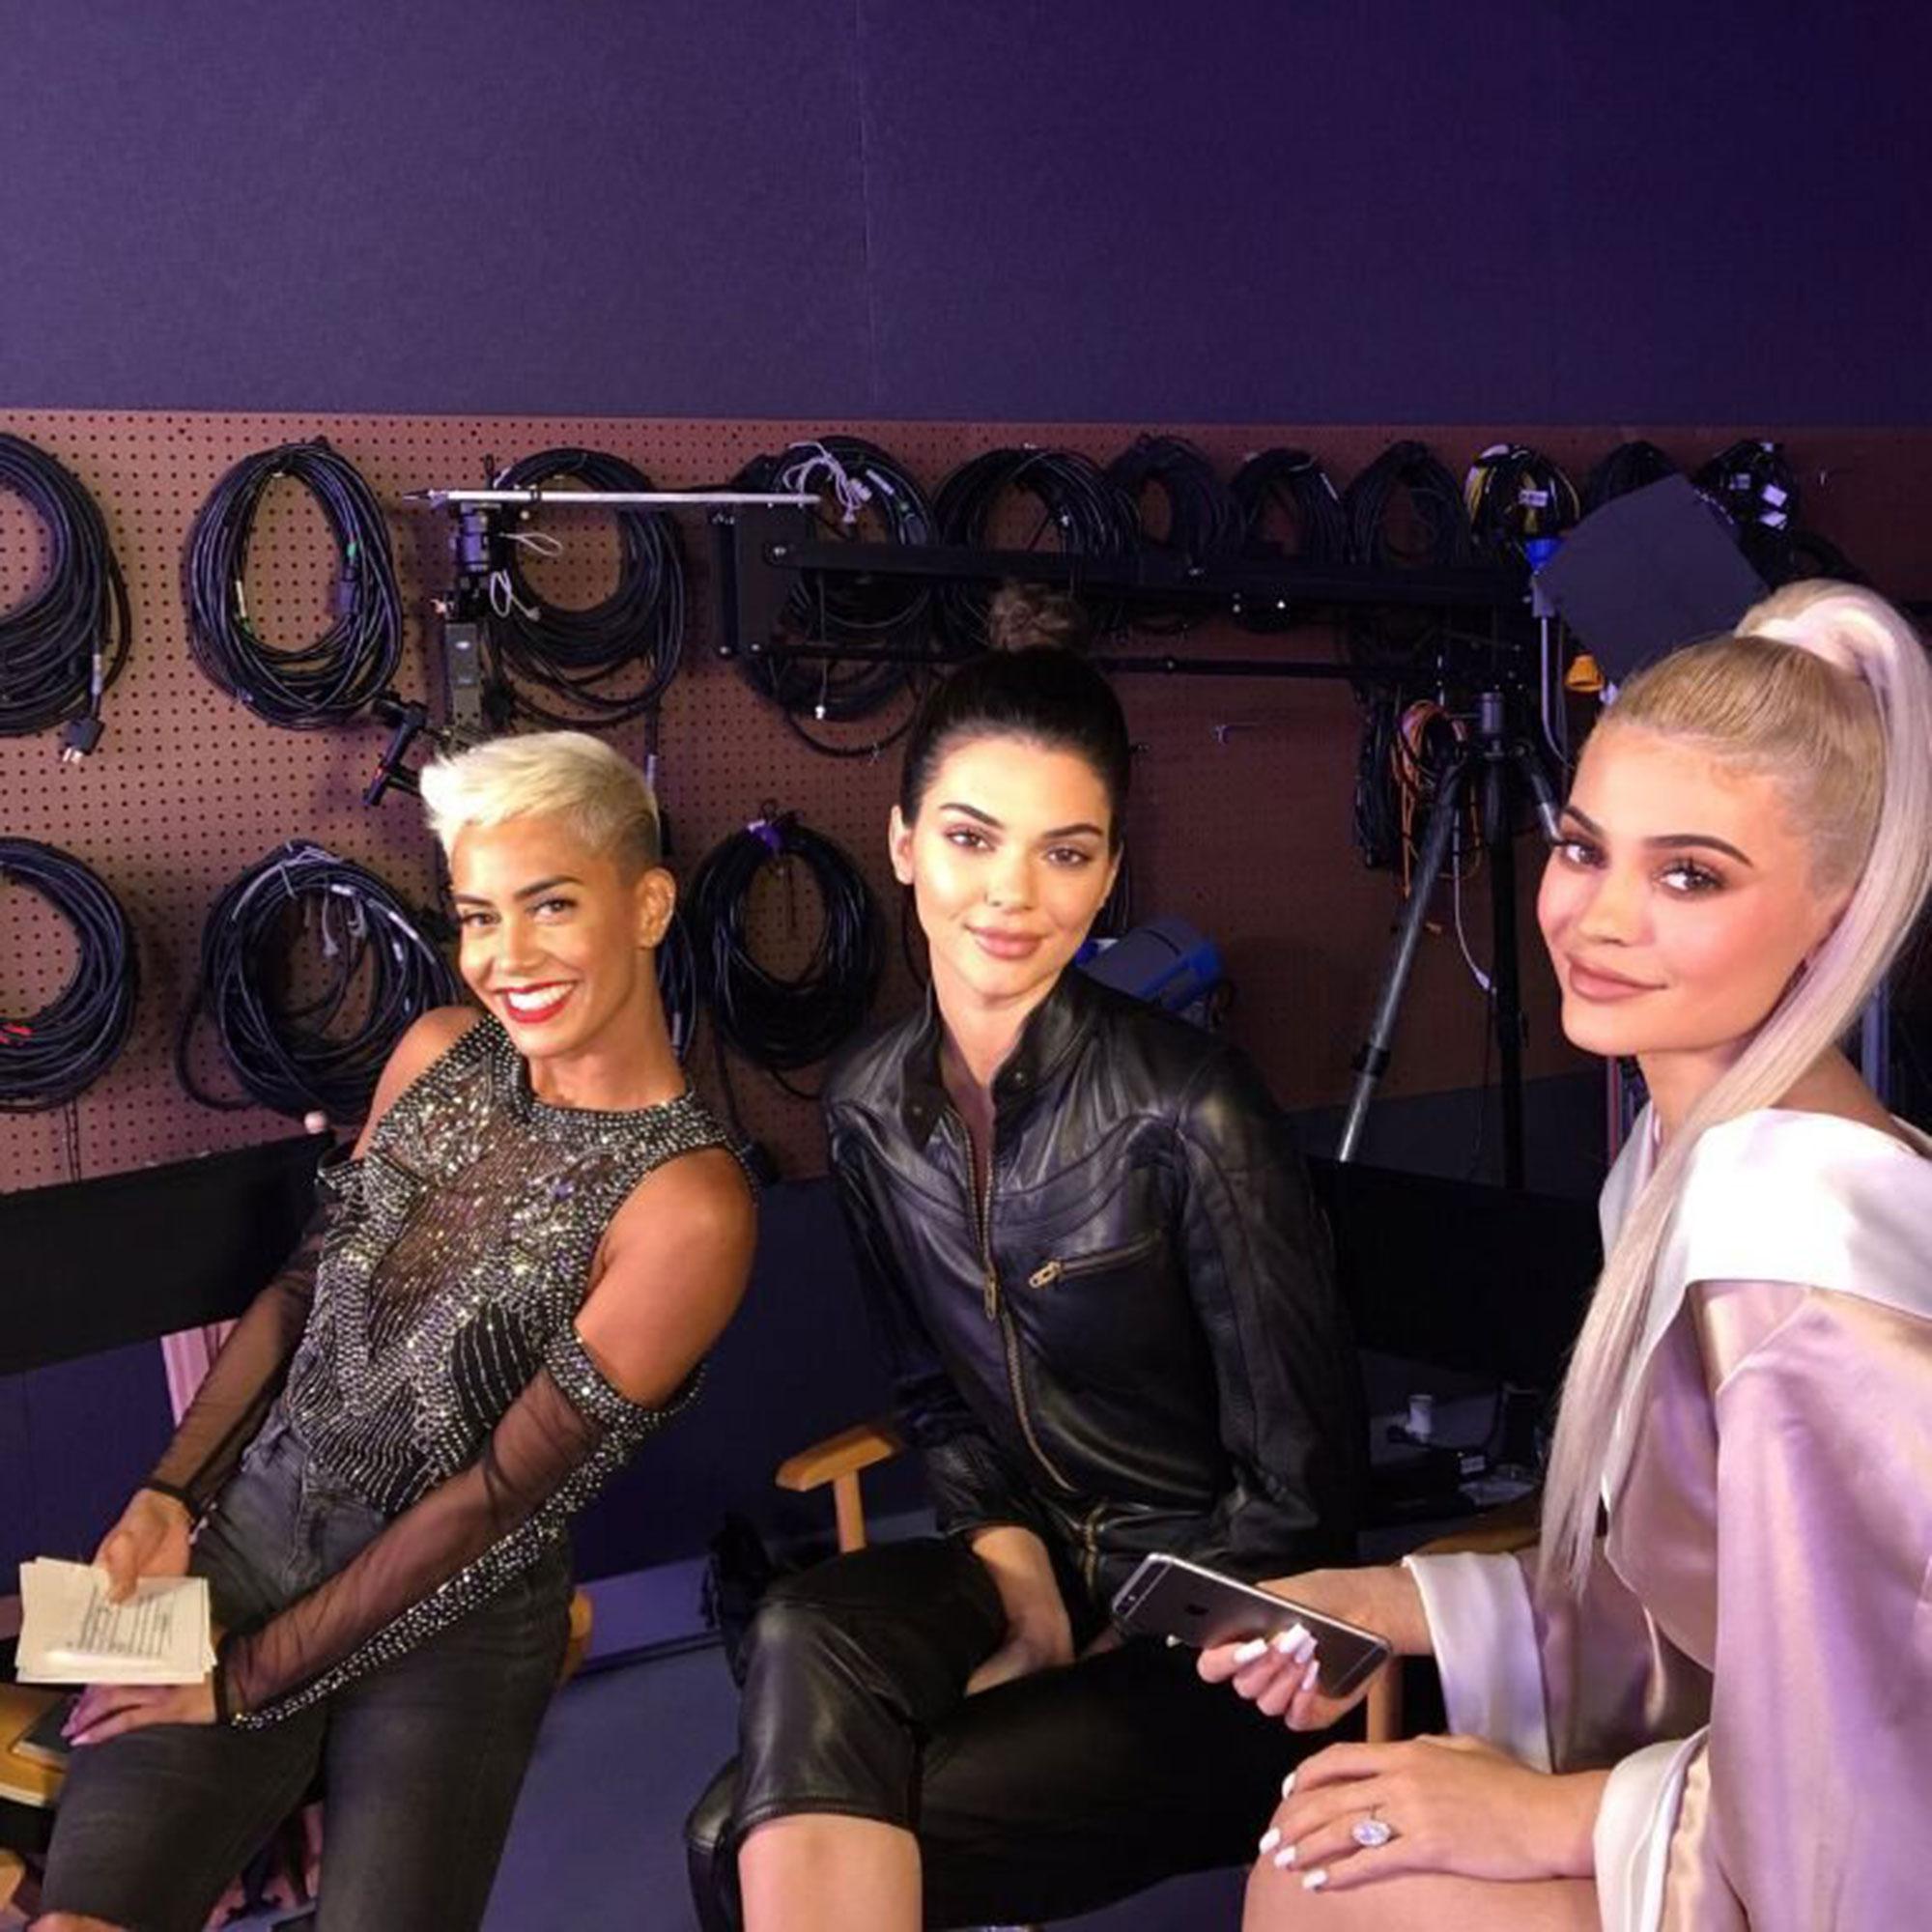 Kendall Jenner Kylie Jenner plastic surgery rumors